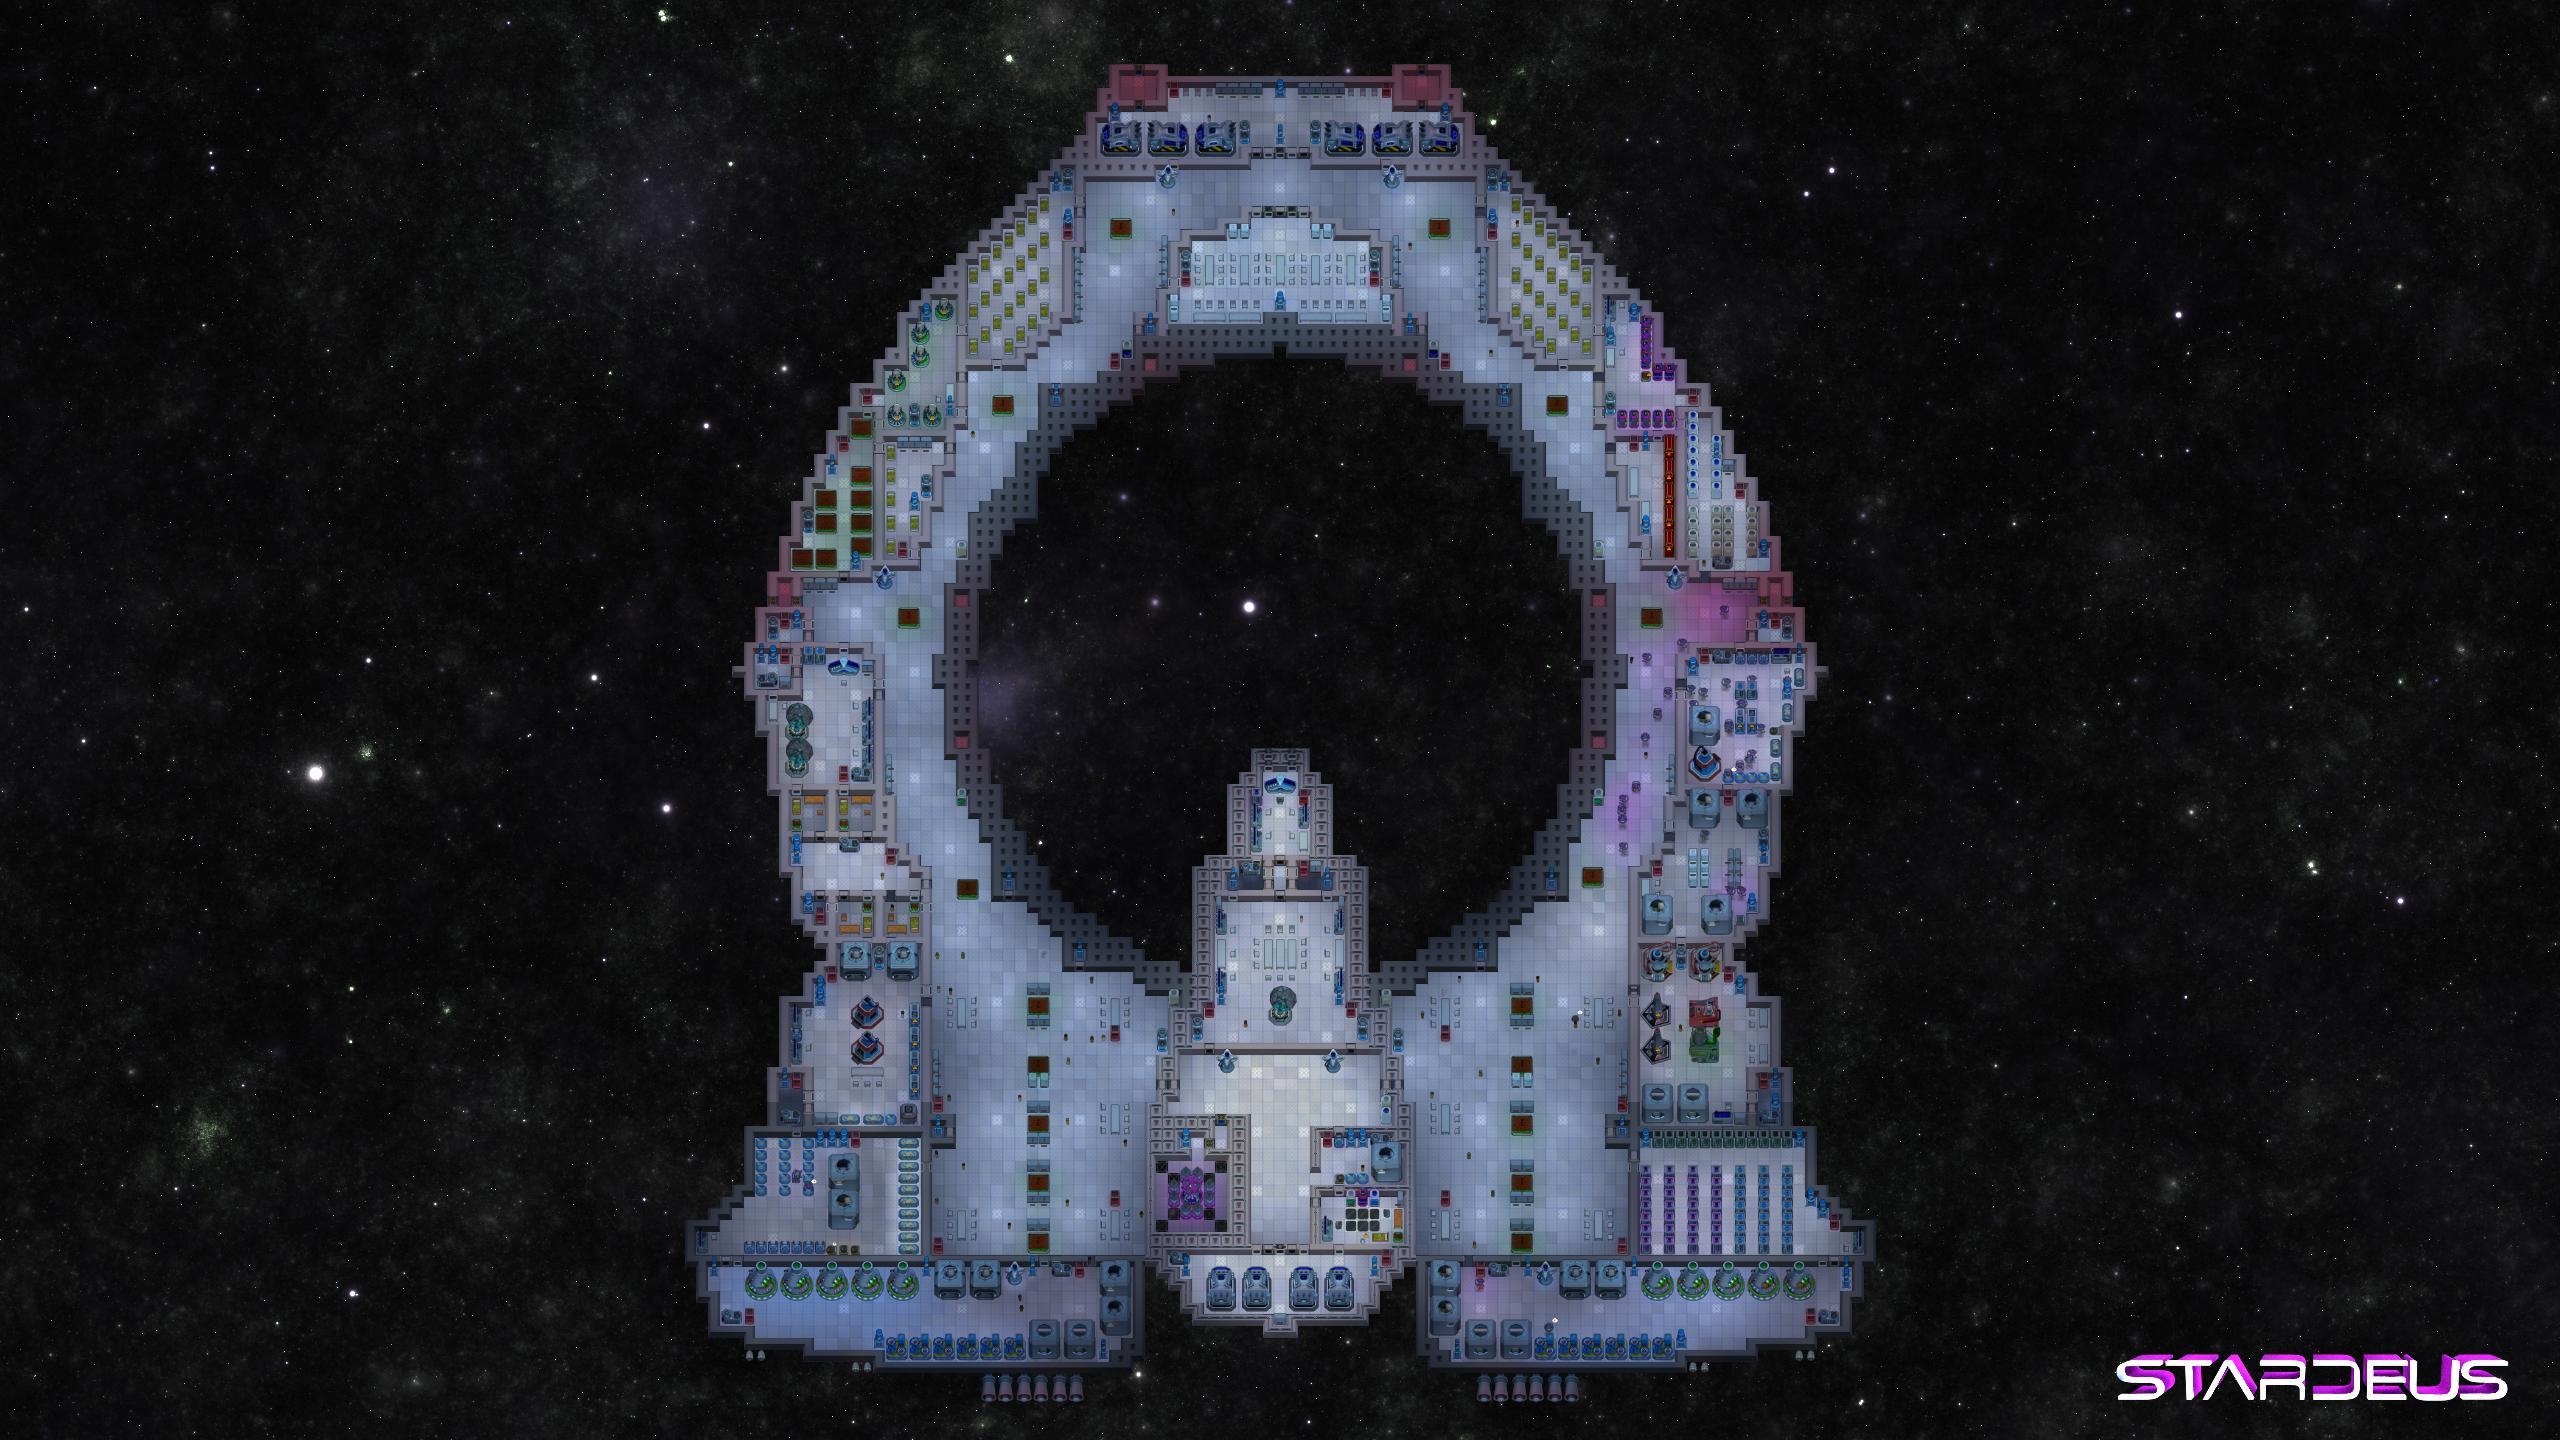 Stardeus0012.jpg